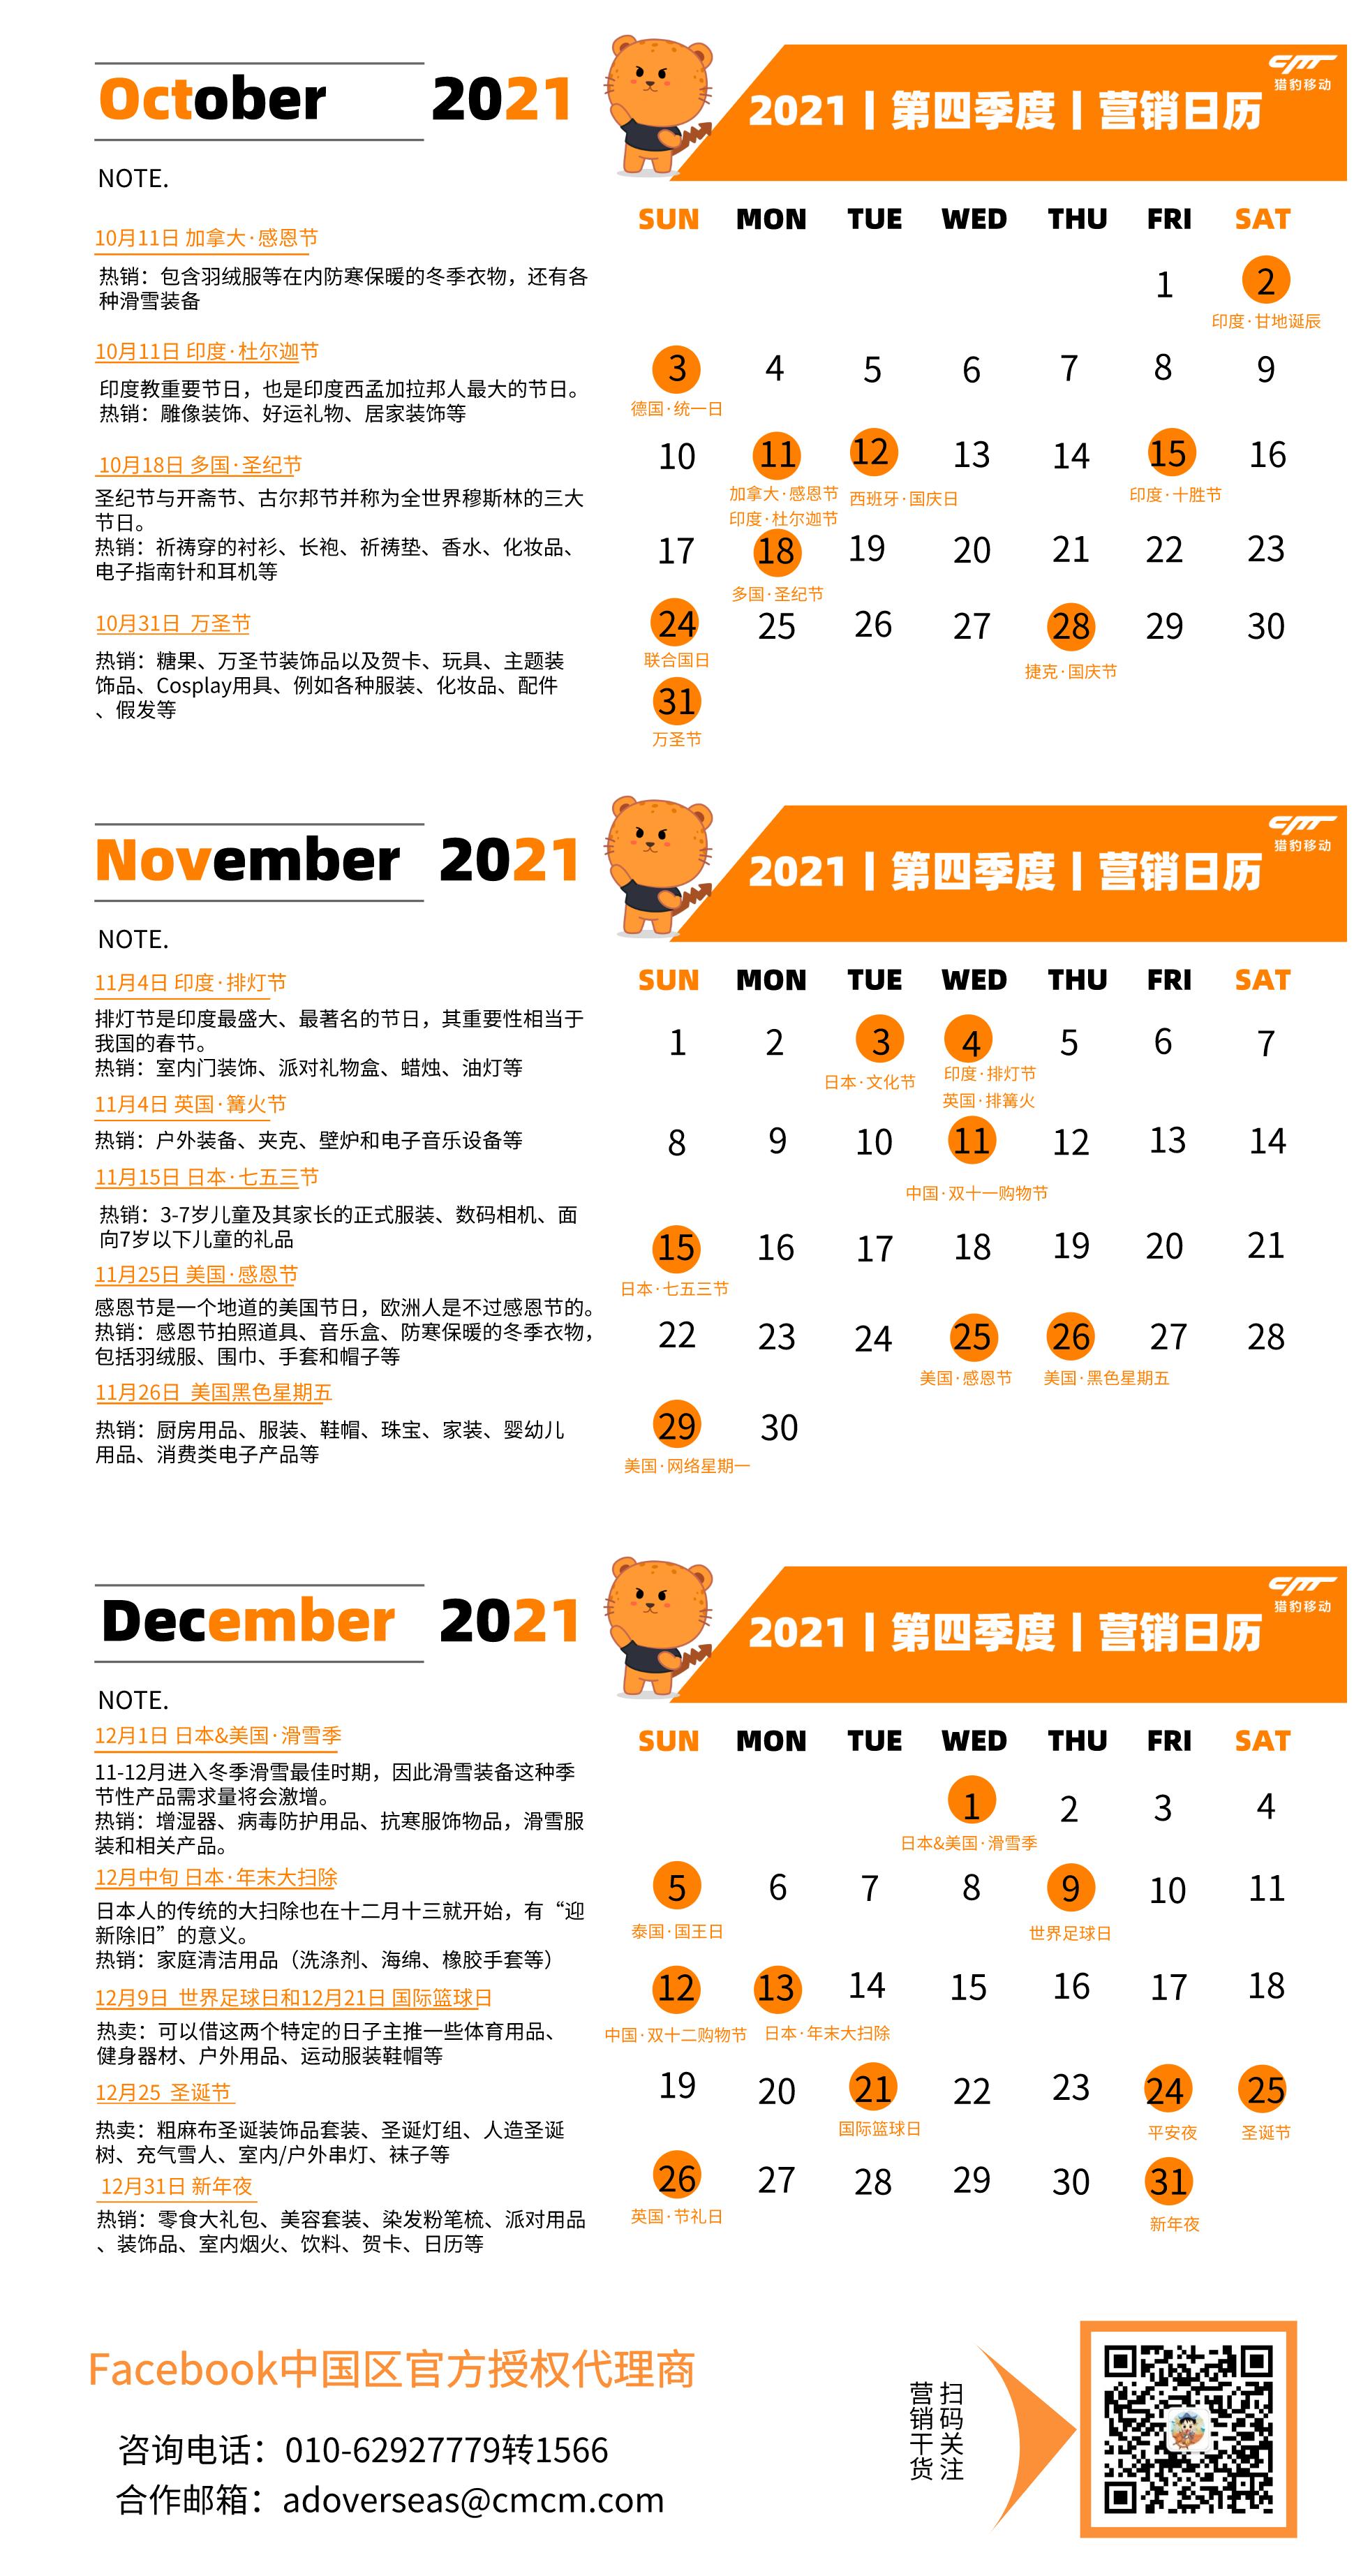 2021_Q4营销日历3版.png